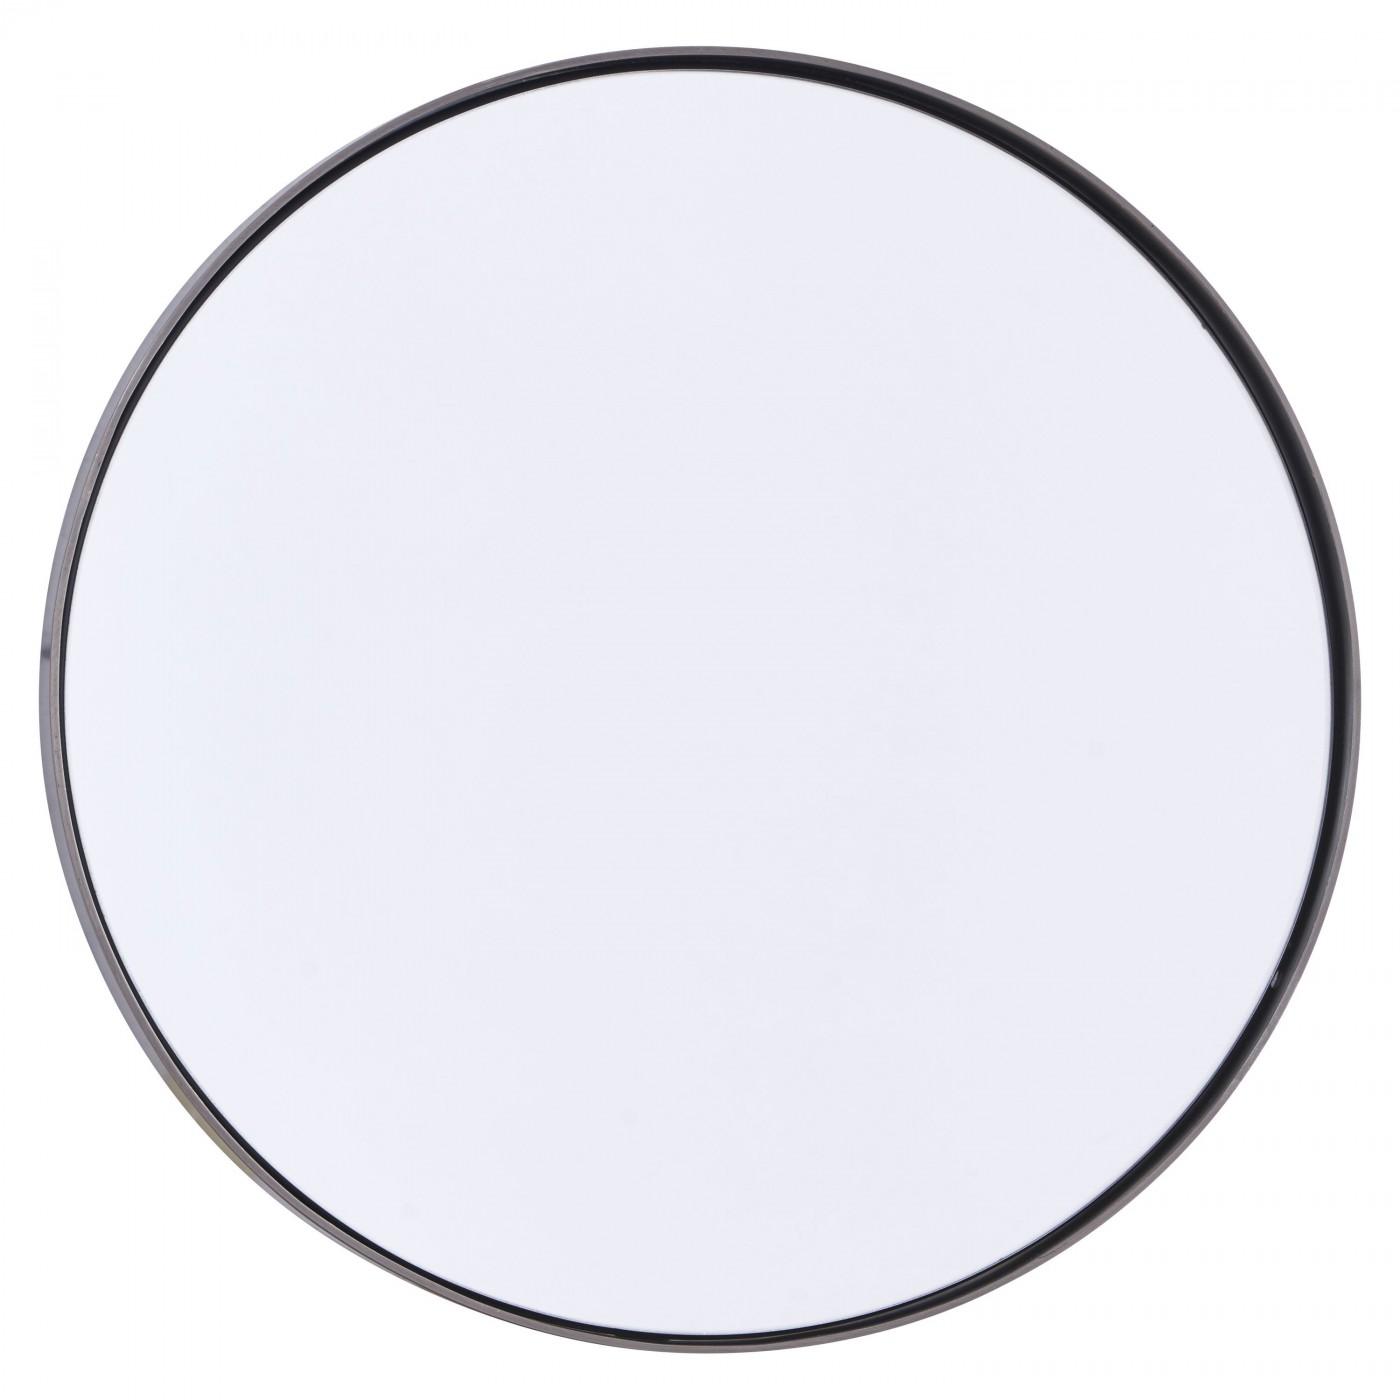 Miroir rond bord noir patiné D40